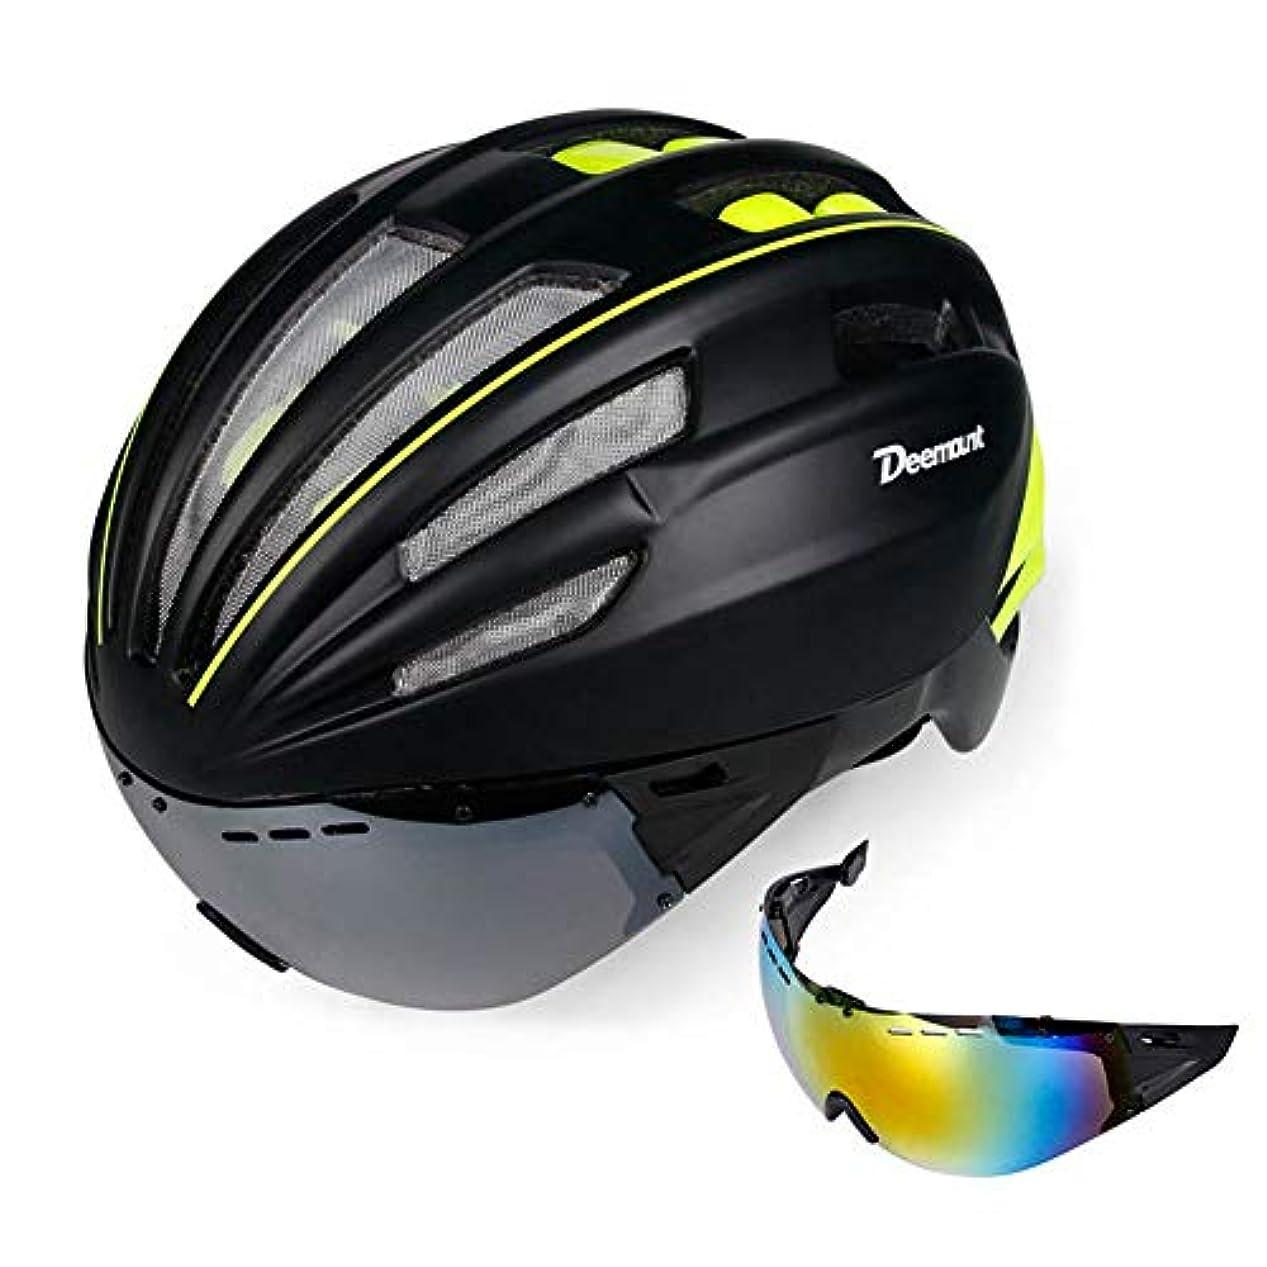 アナウンサーウルル知るサイクリングヘルメット、 男性と女性のための取り外し可能なゴーグルとのワンピース調節可能な自転車用ヘルメット、 マウンテン/ロード/ローラースケートなどに適しています